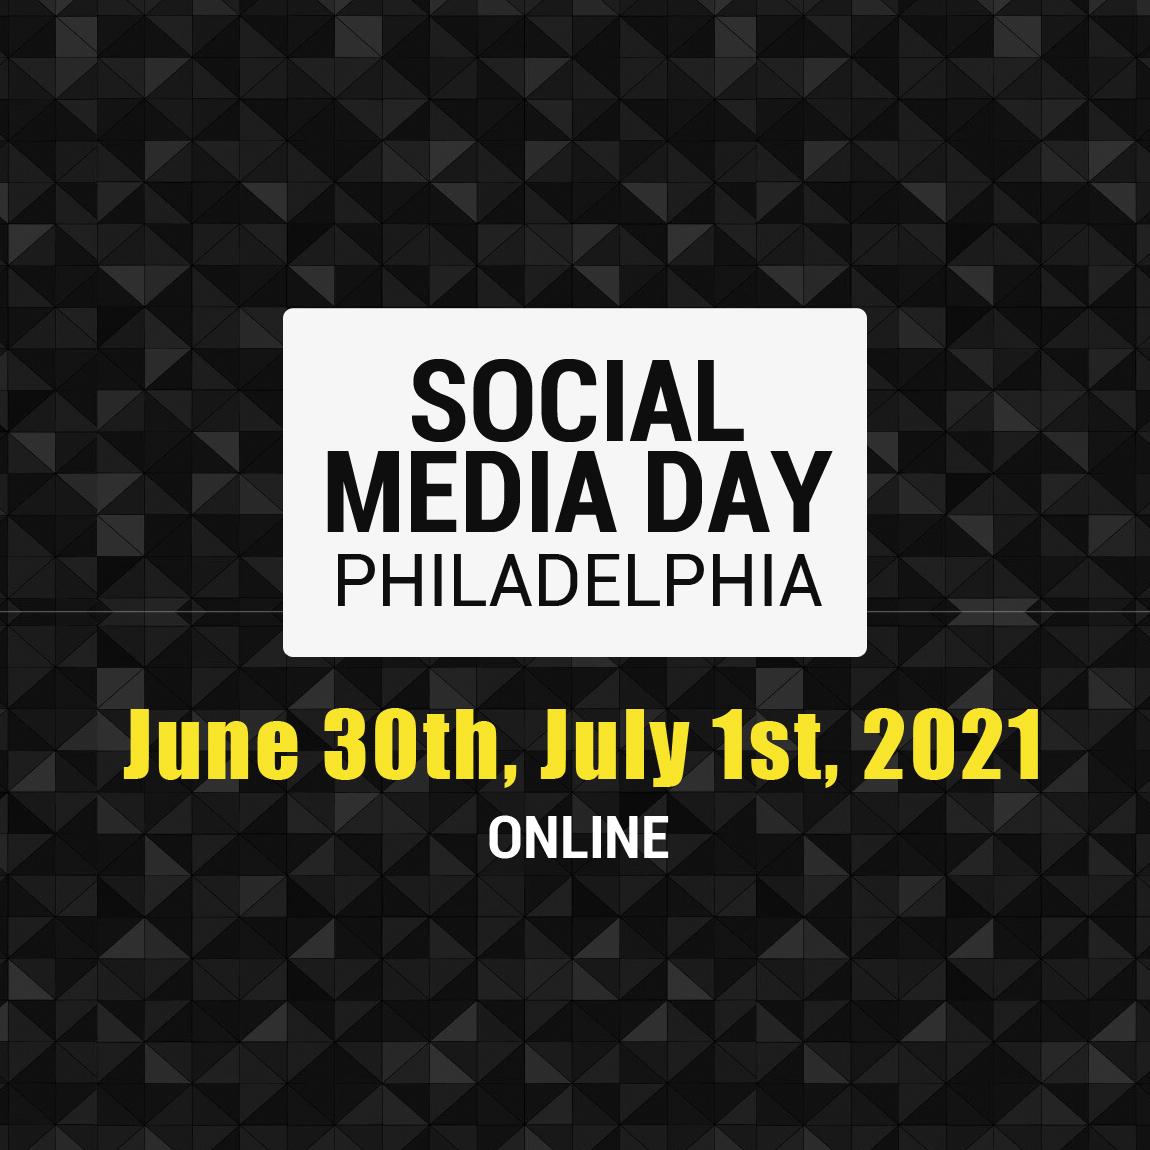 Social Media Day: Philadelphia